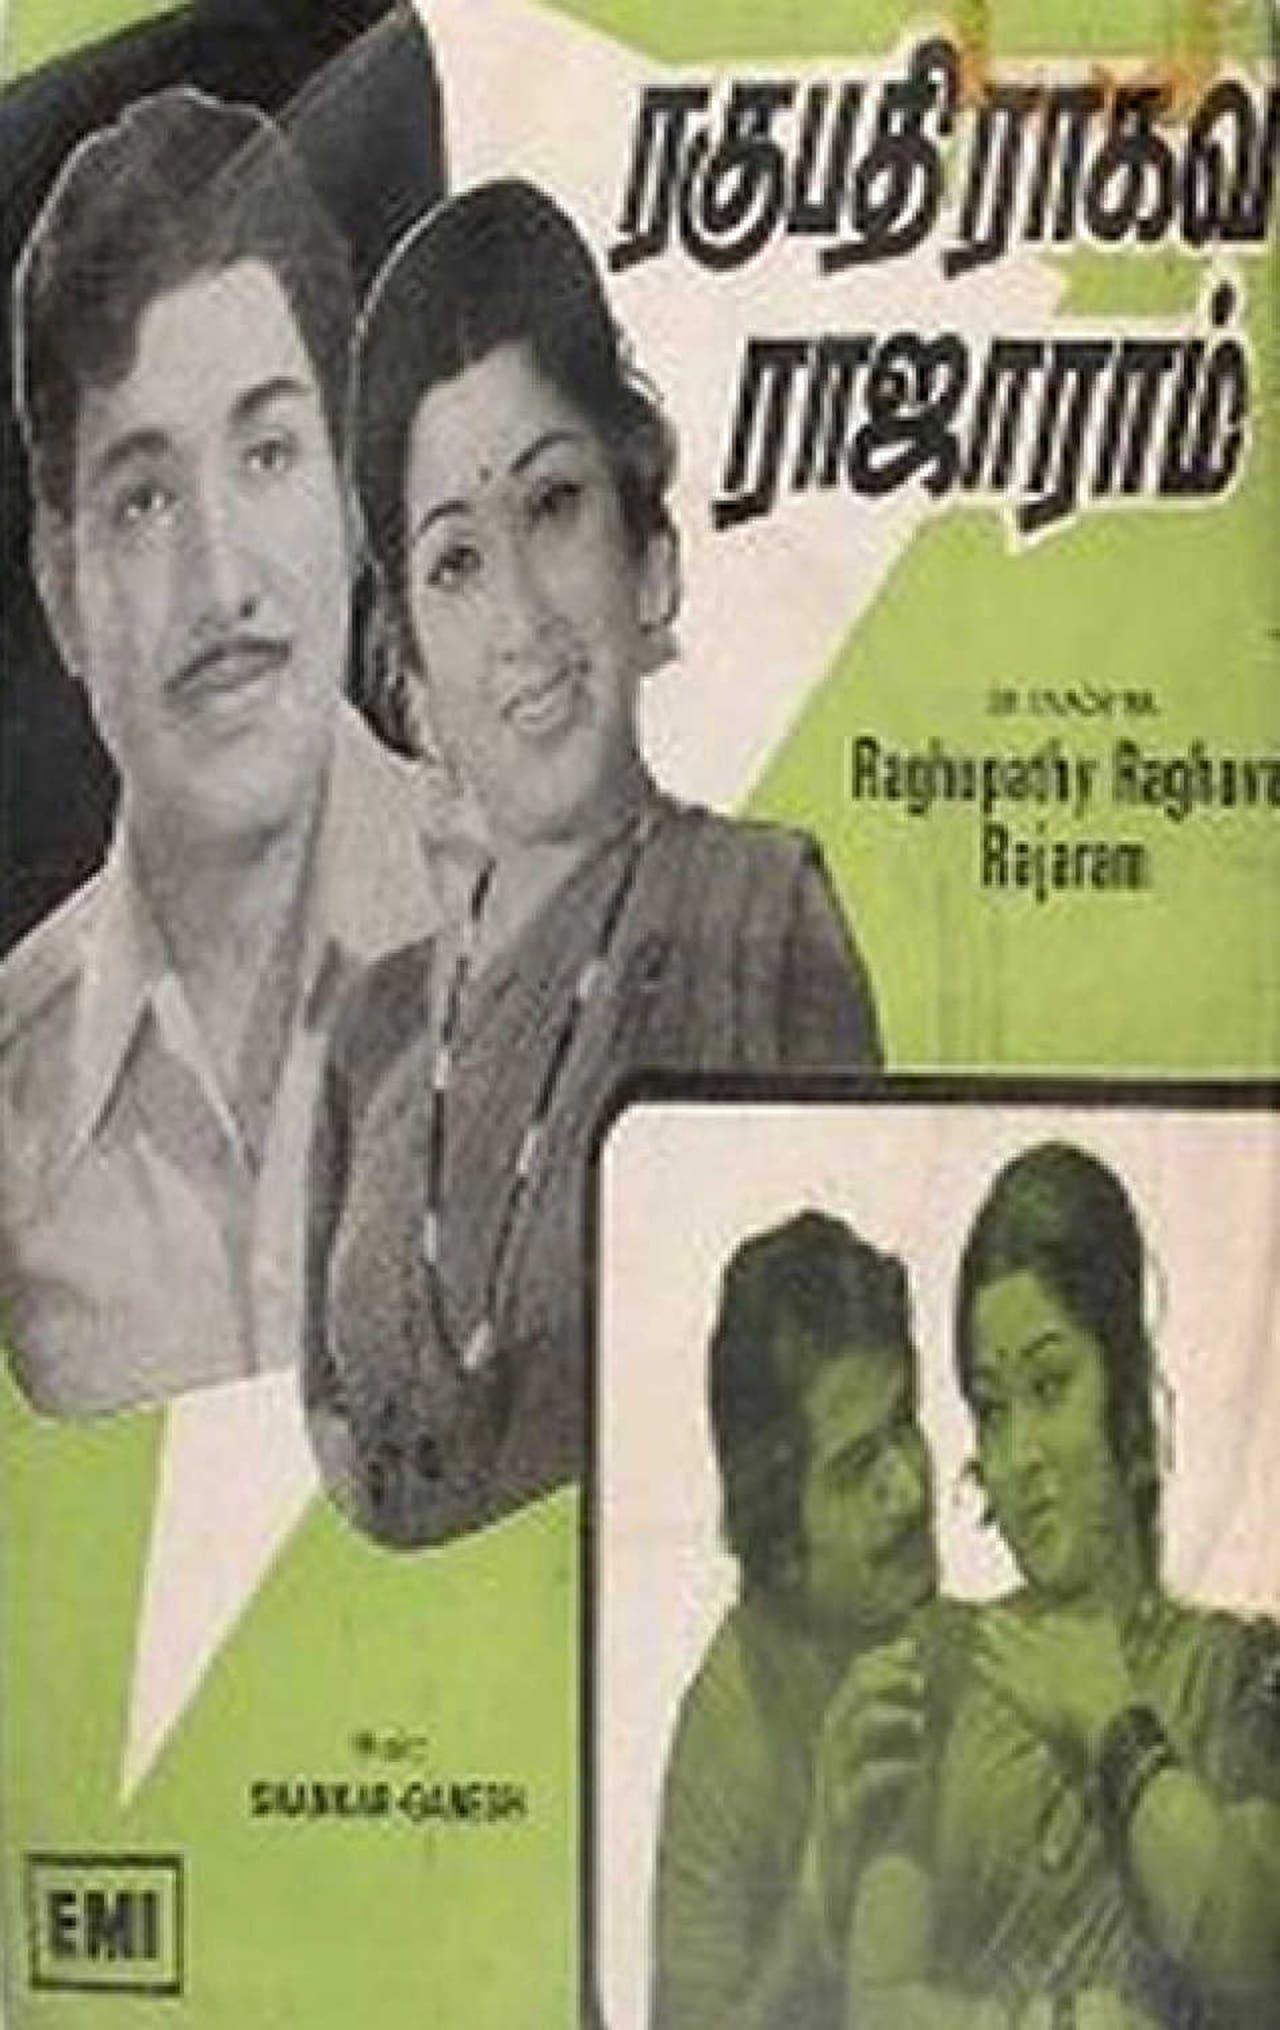 Raghupathi Raghavan Rajaram